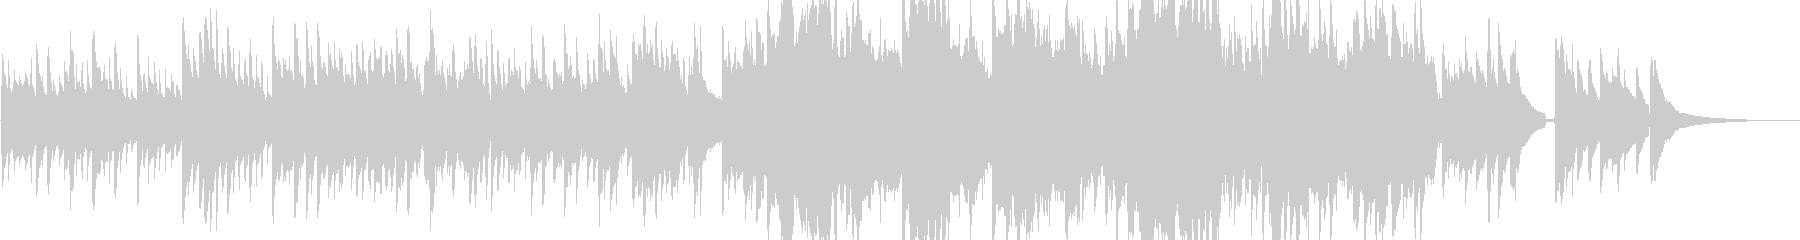 企業VP13 16bit44kHzVerの未再生の波形